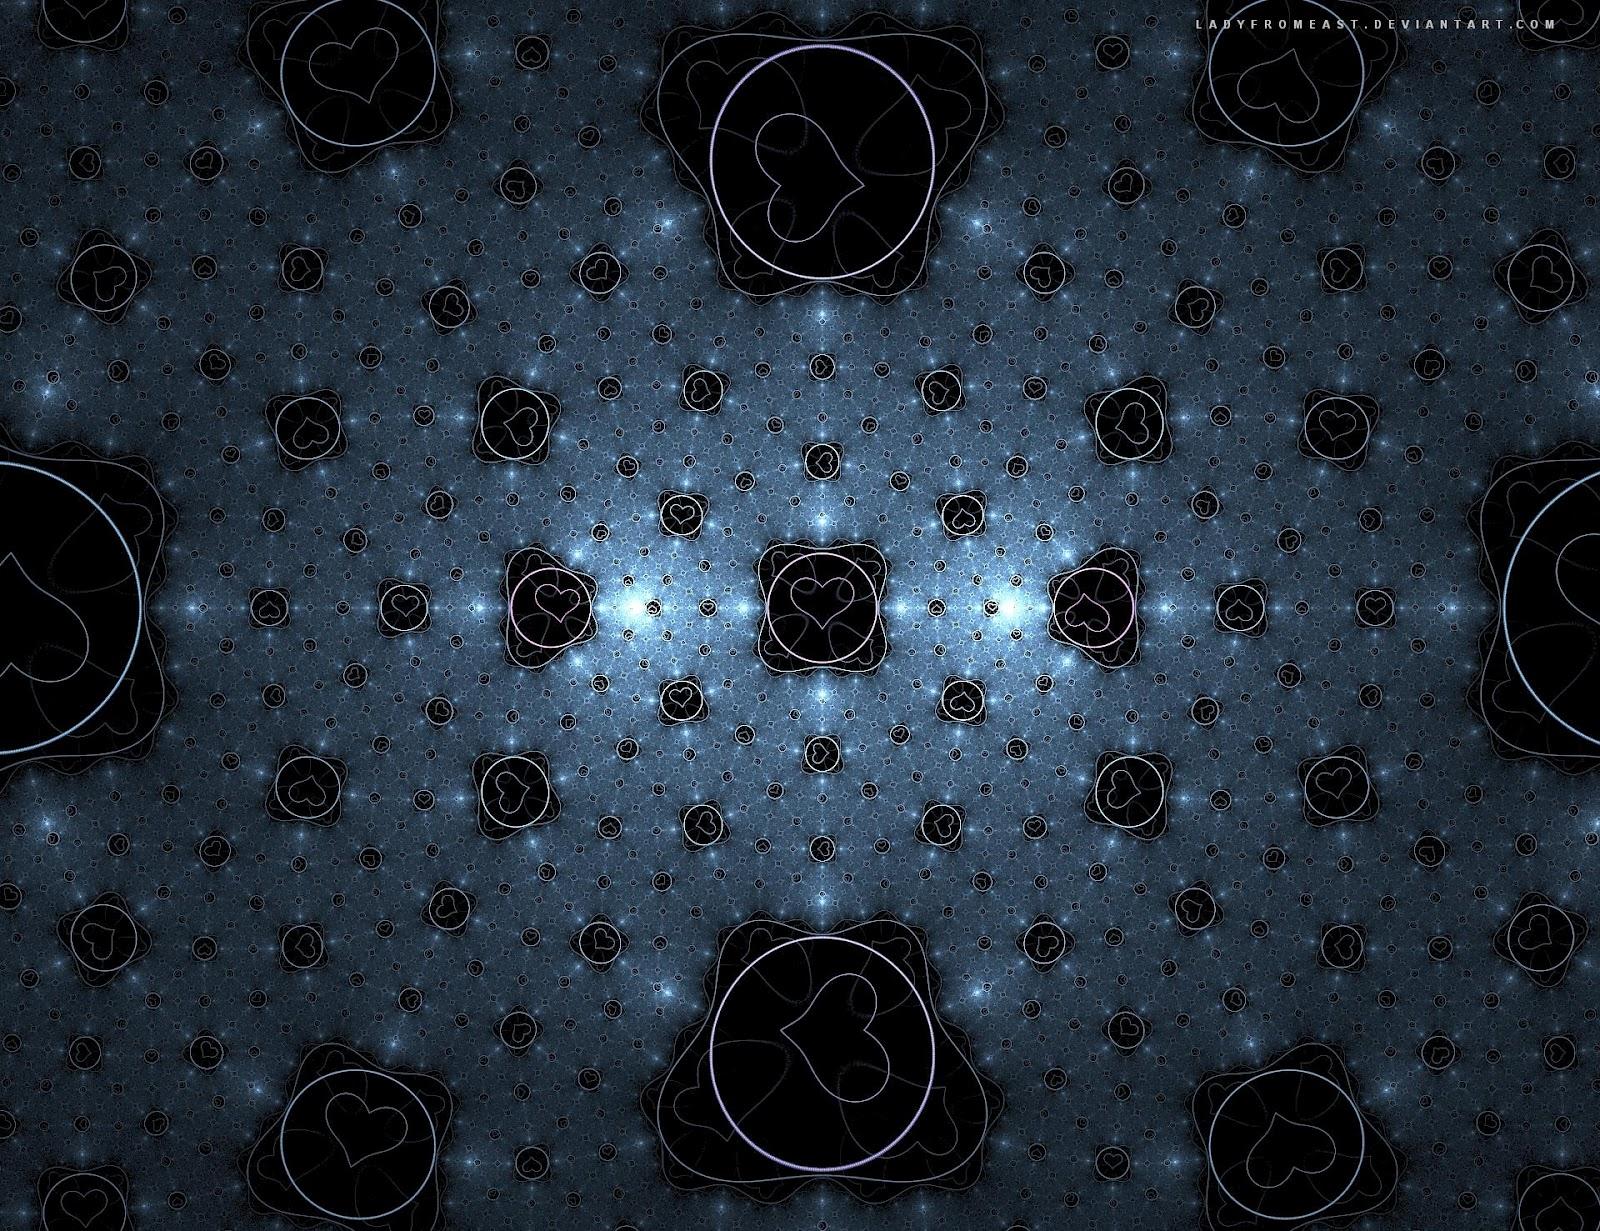 fractal hd wallpaper wide screen in 3d 1600x1231